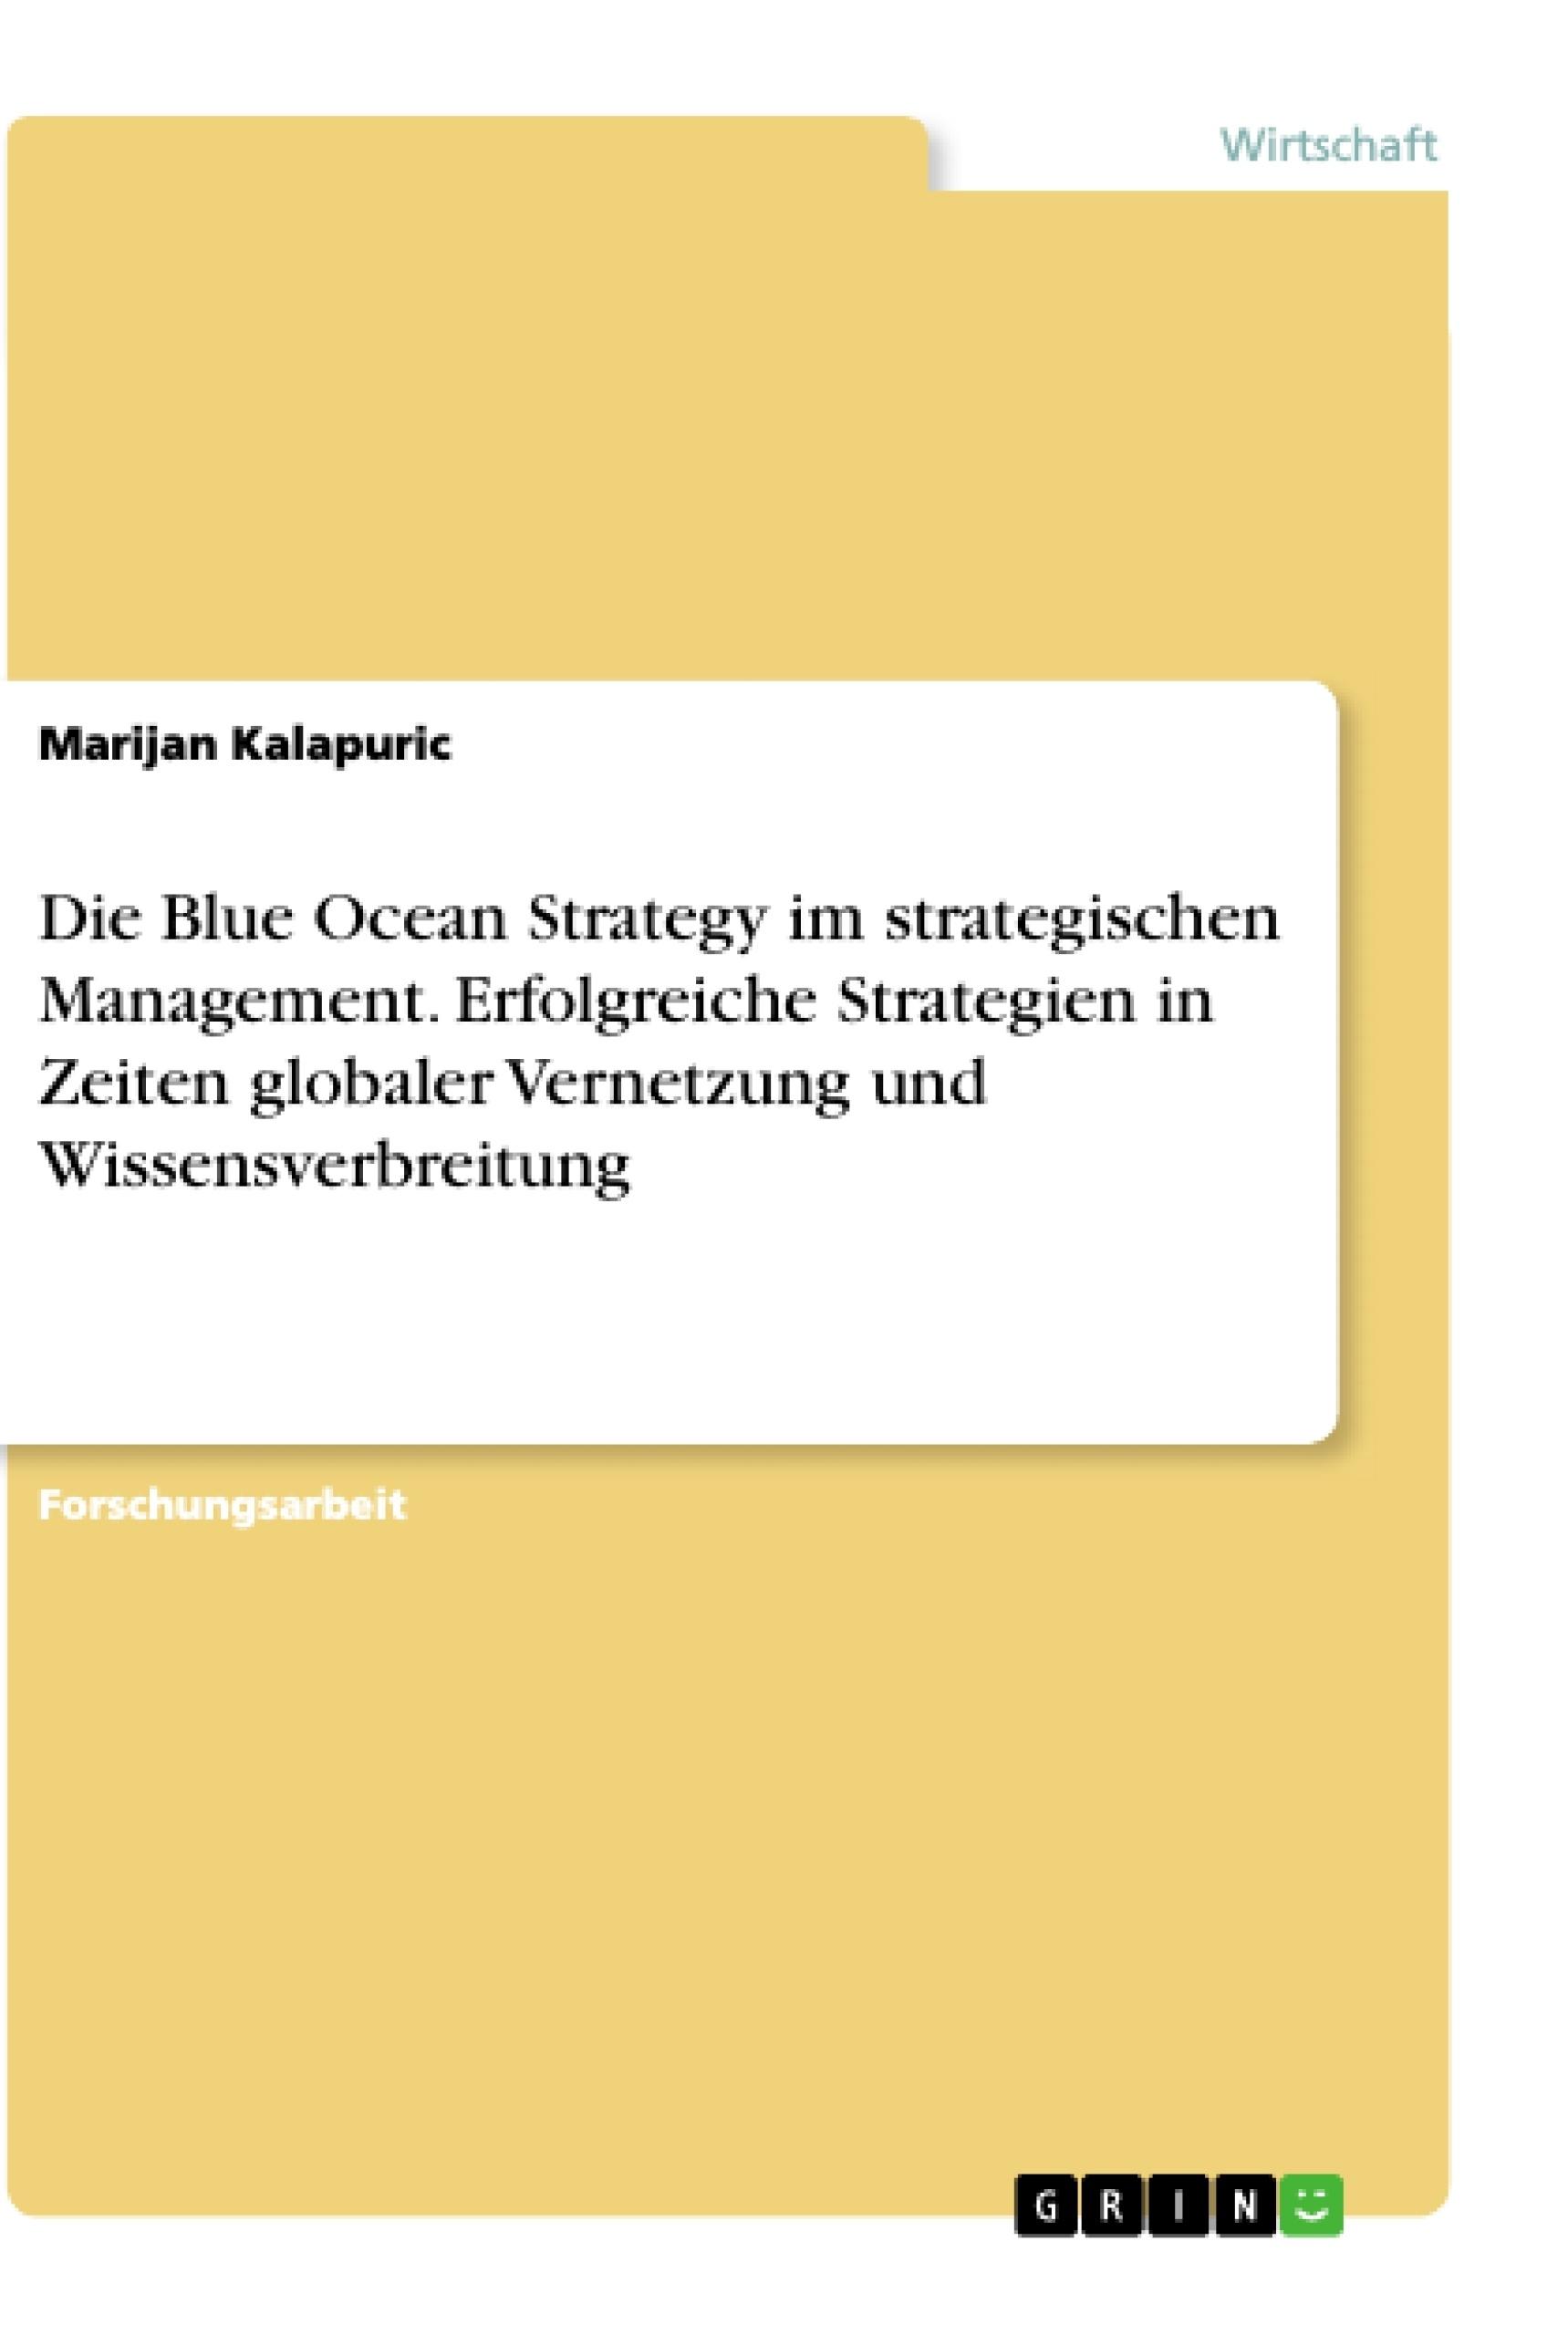 Titel: Die Blue Ocean Strategy im strategischen Management. Erfolgreiche Strategien in Zeiten globaler Vernetzung und Wissensverbreitung